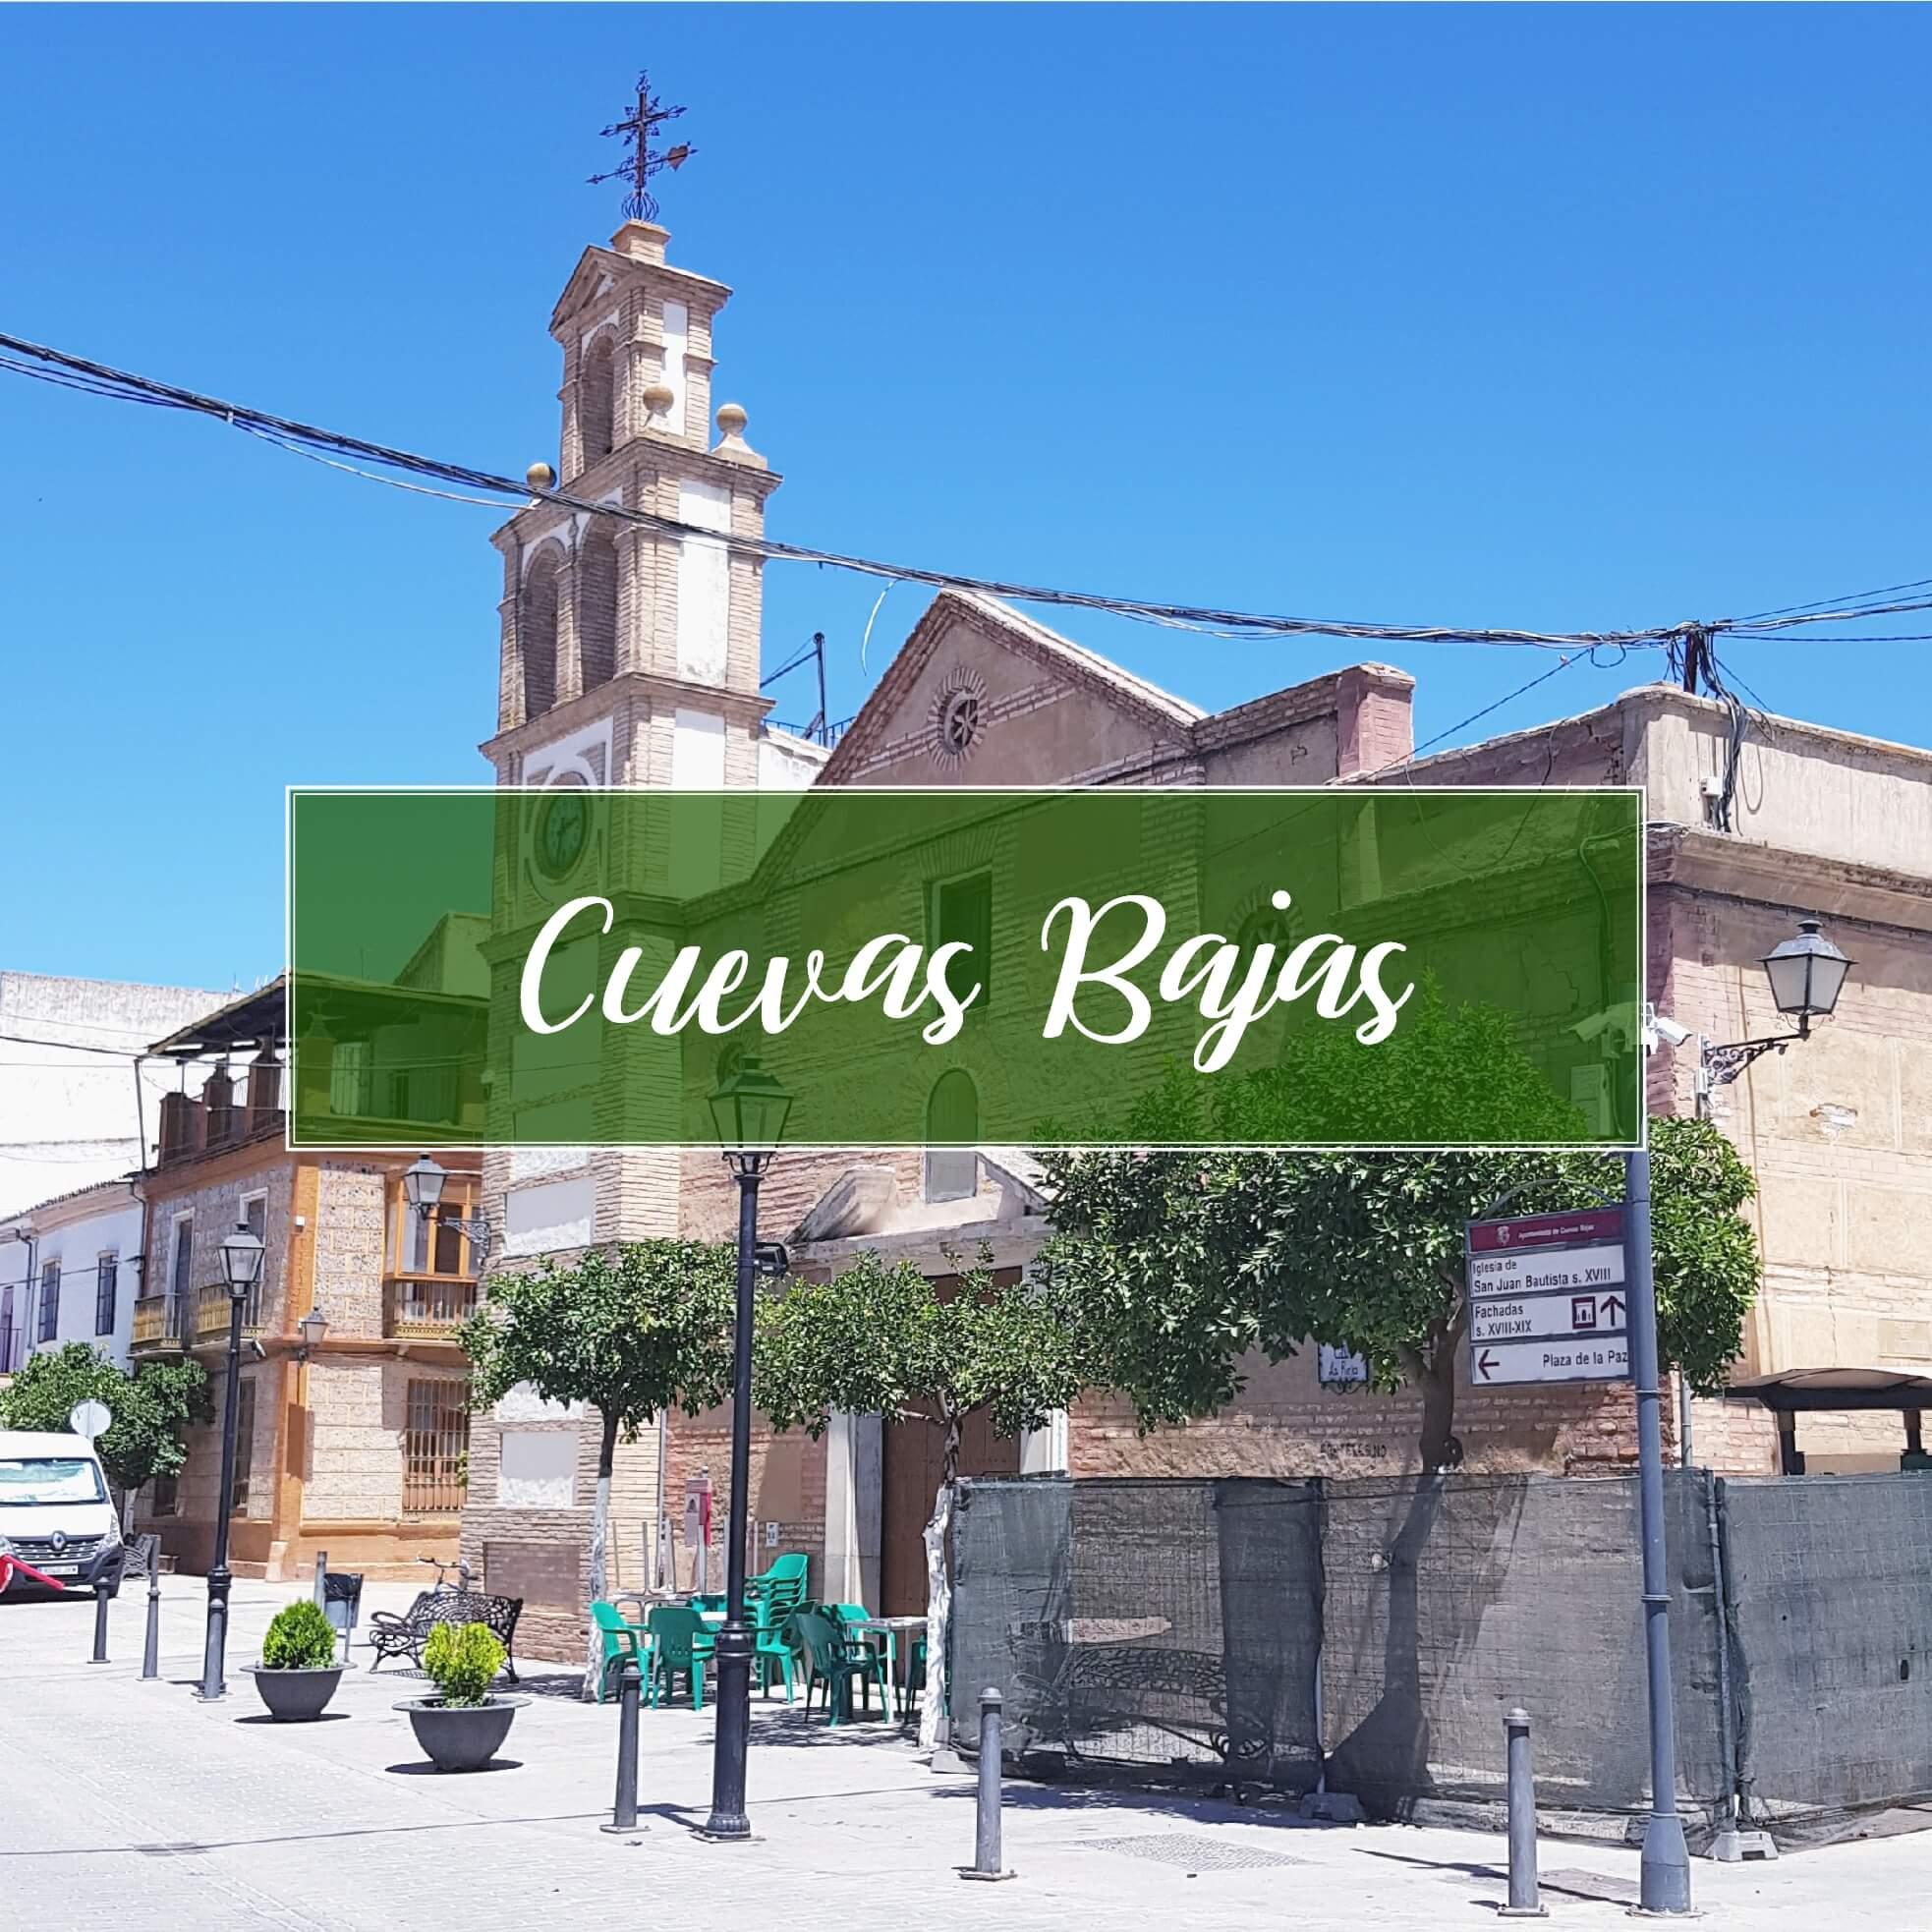 Cuevas Bajas Pueblo Malaga